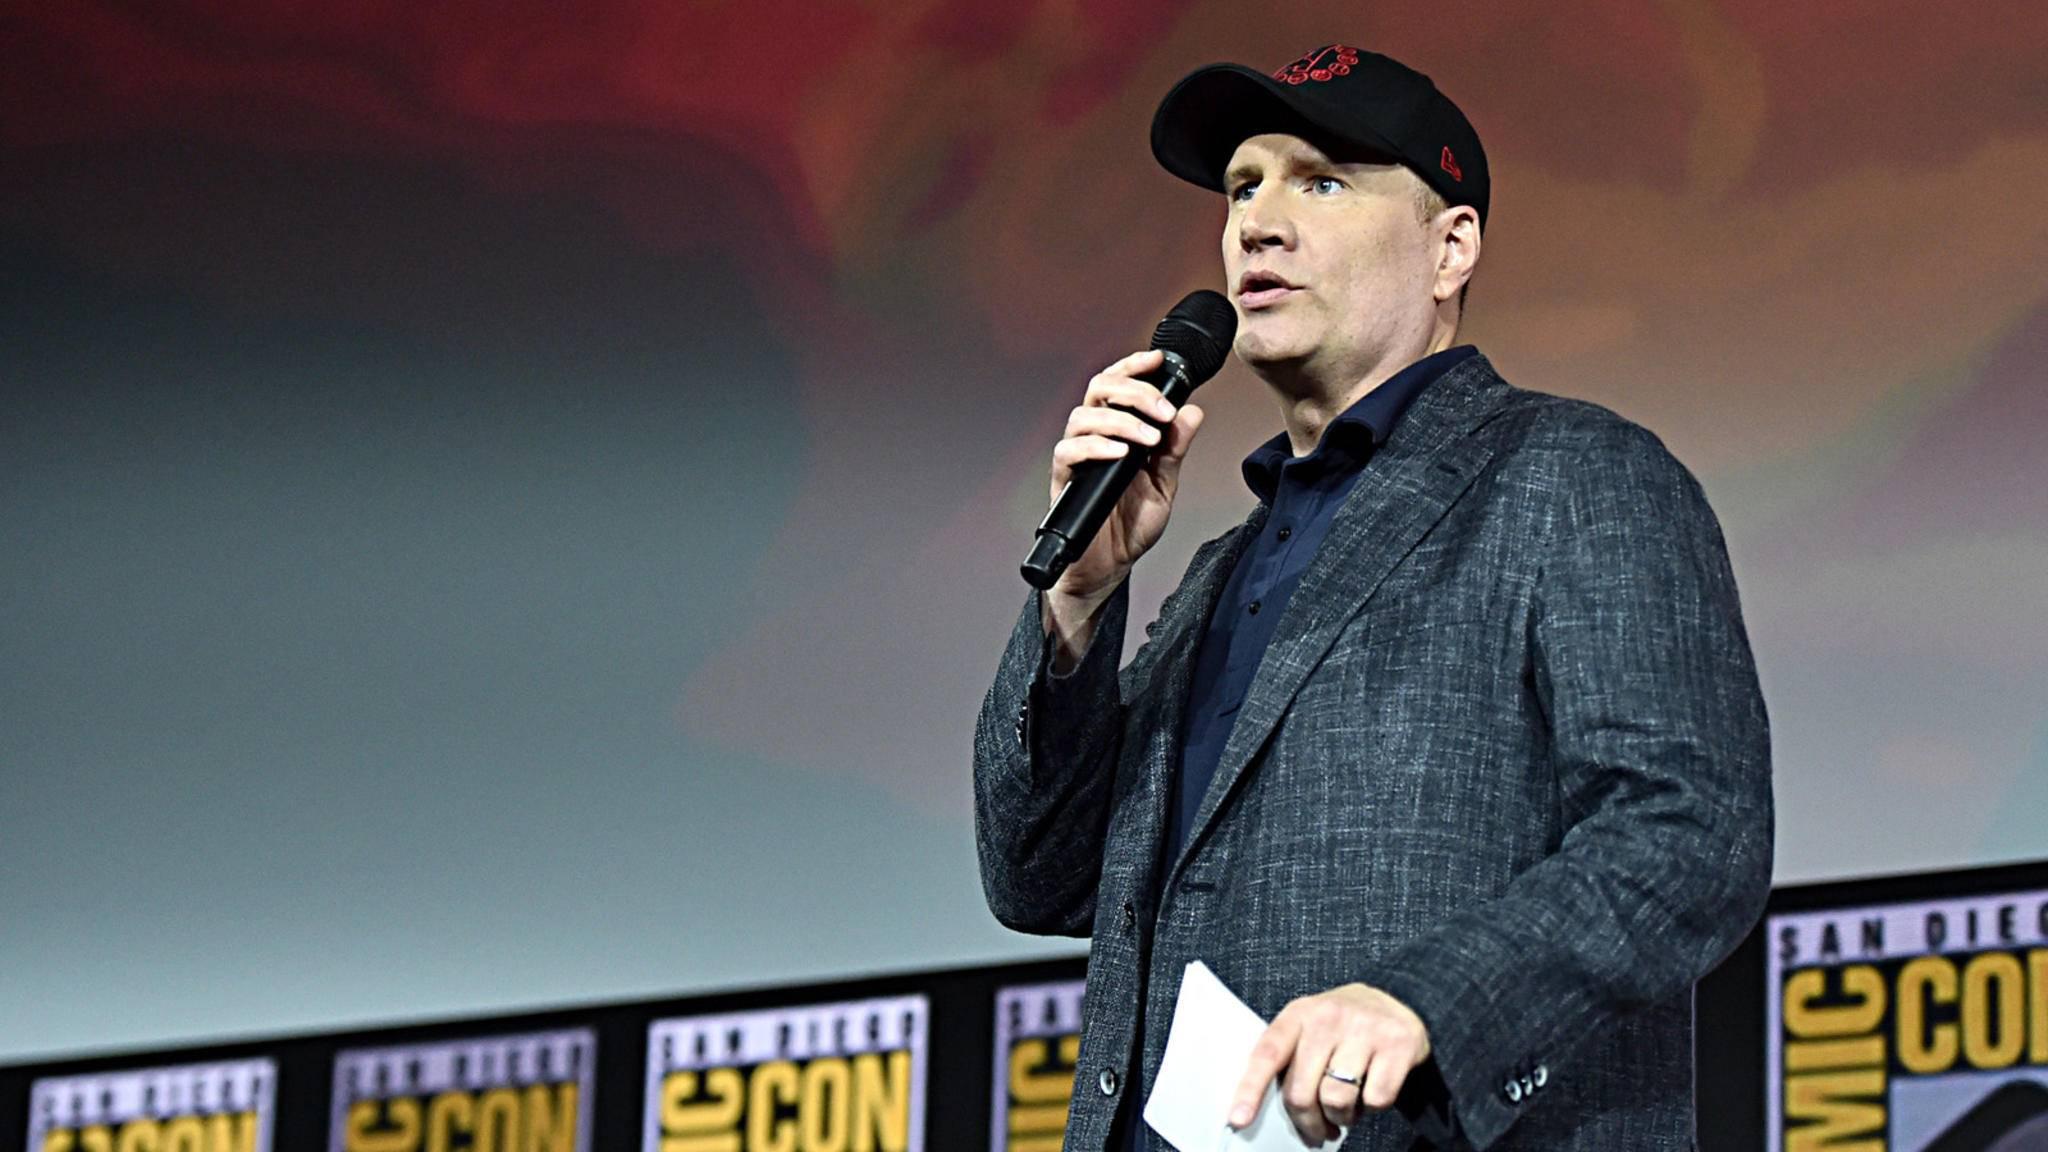 Marvel-Studios-Präsident Kevin Feige beim Marvel-Panel auf der Comic-Con 2019 in San Diego